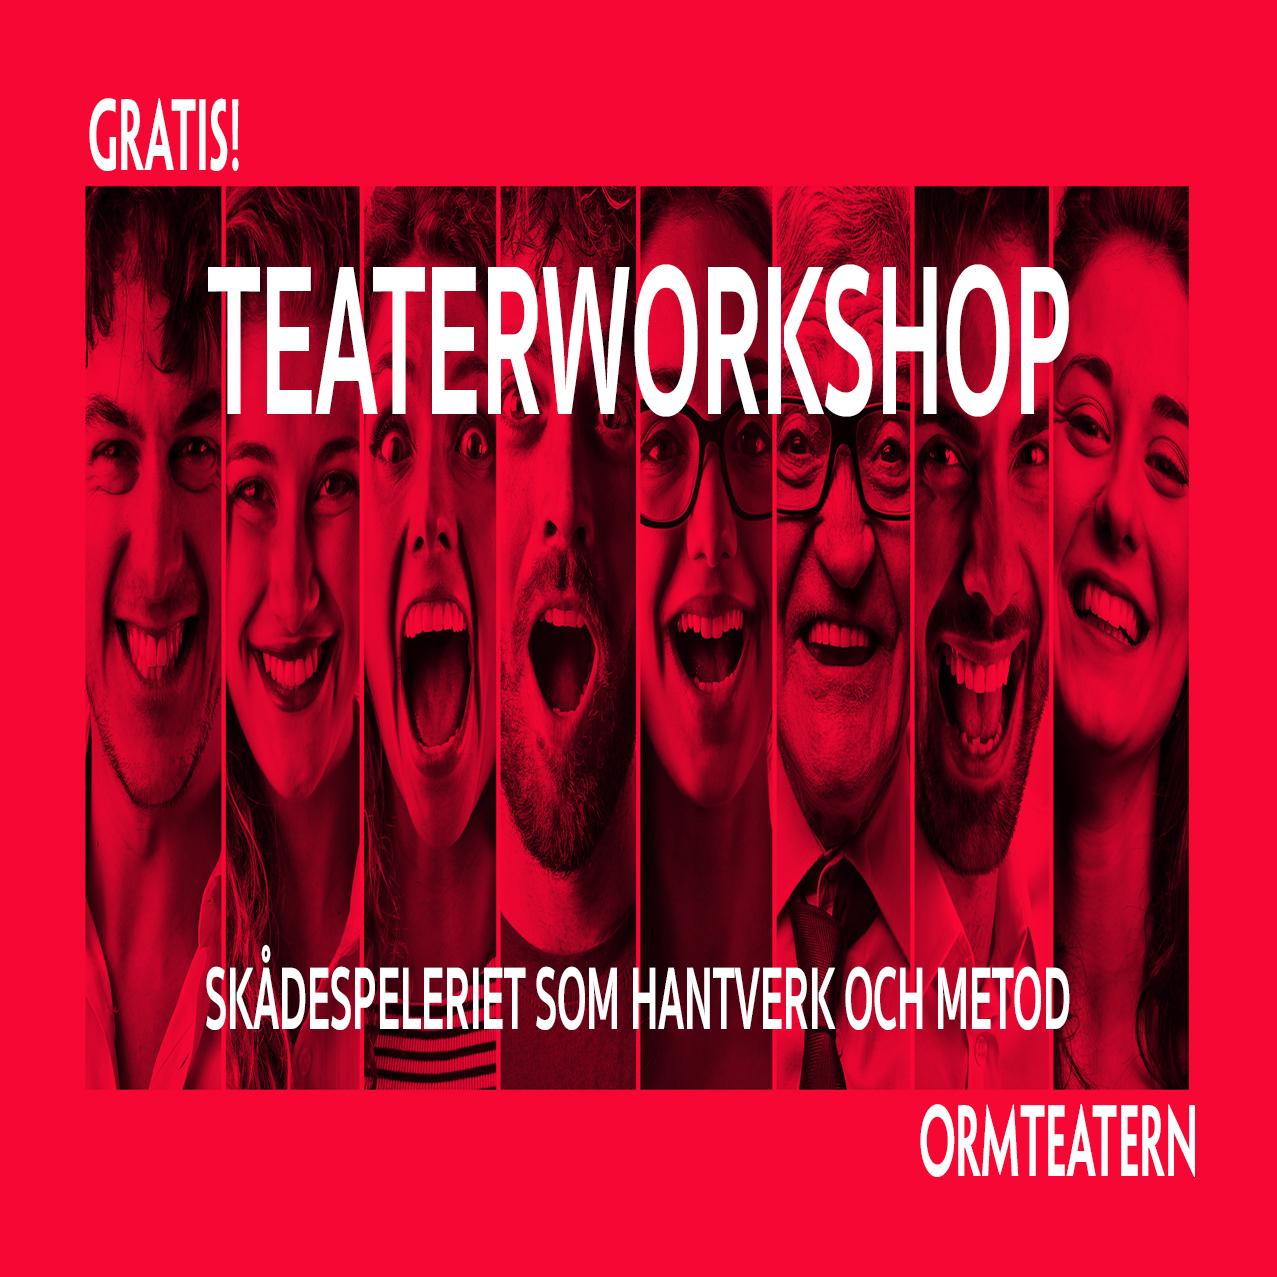 Teaterworkshop 25 sept, 23 okt, 20 nov